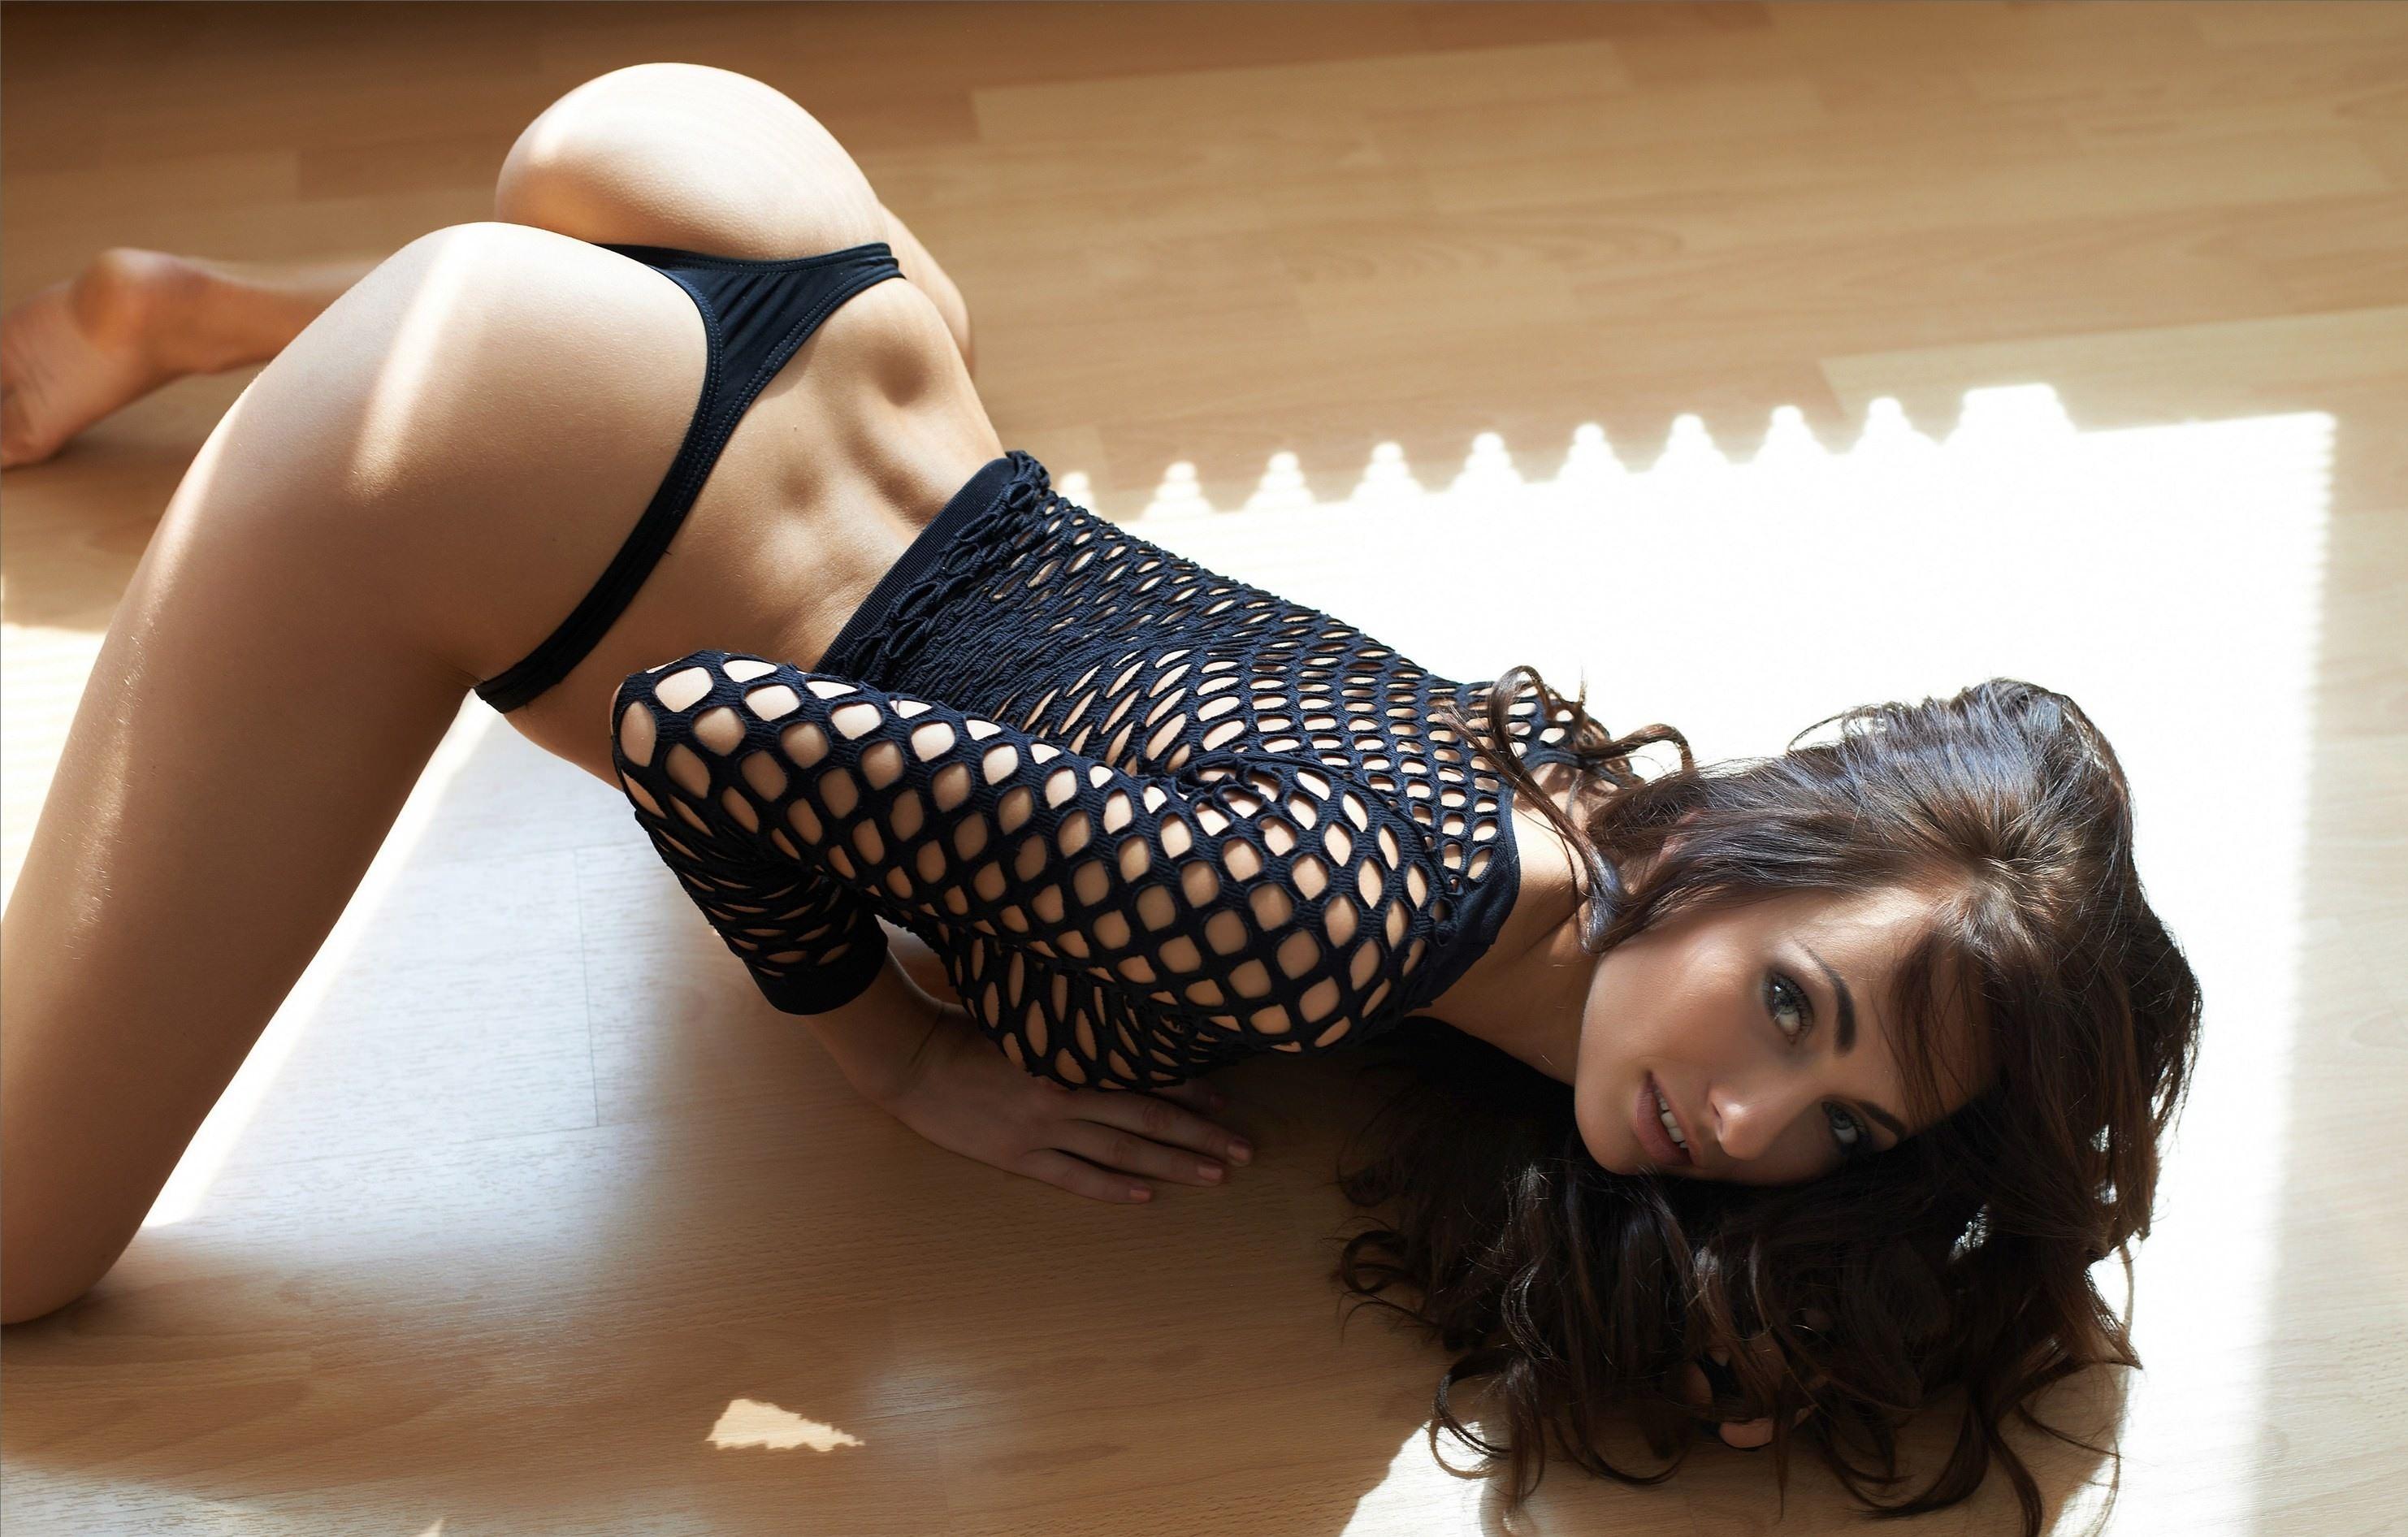 Big girl bent over nude